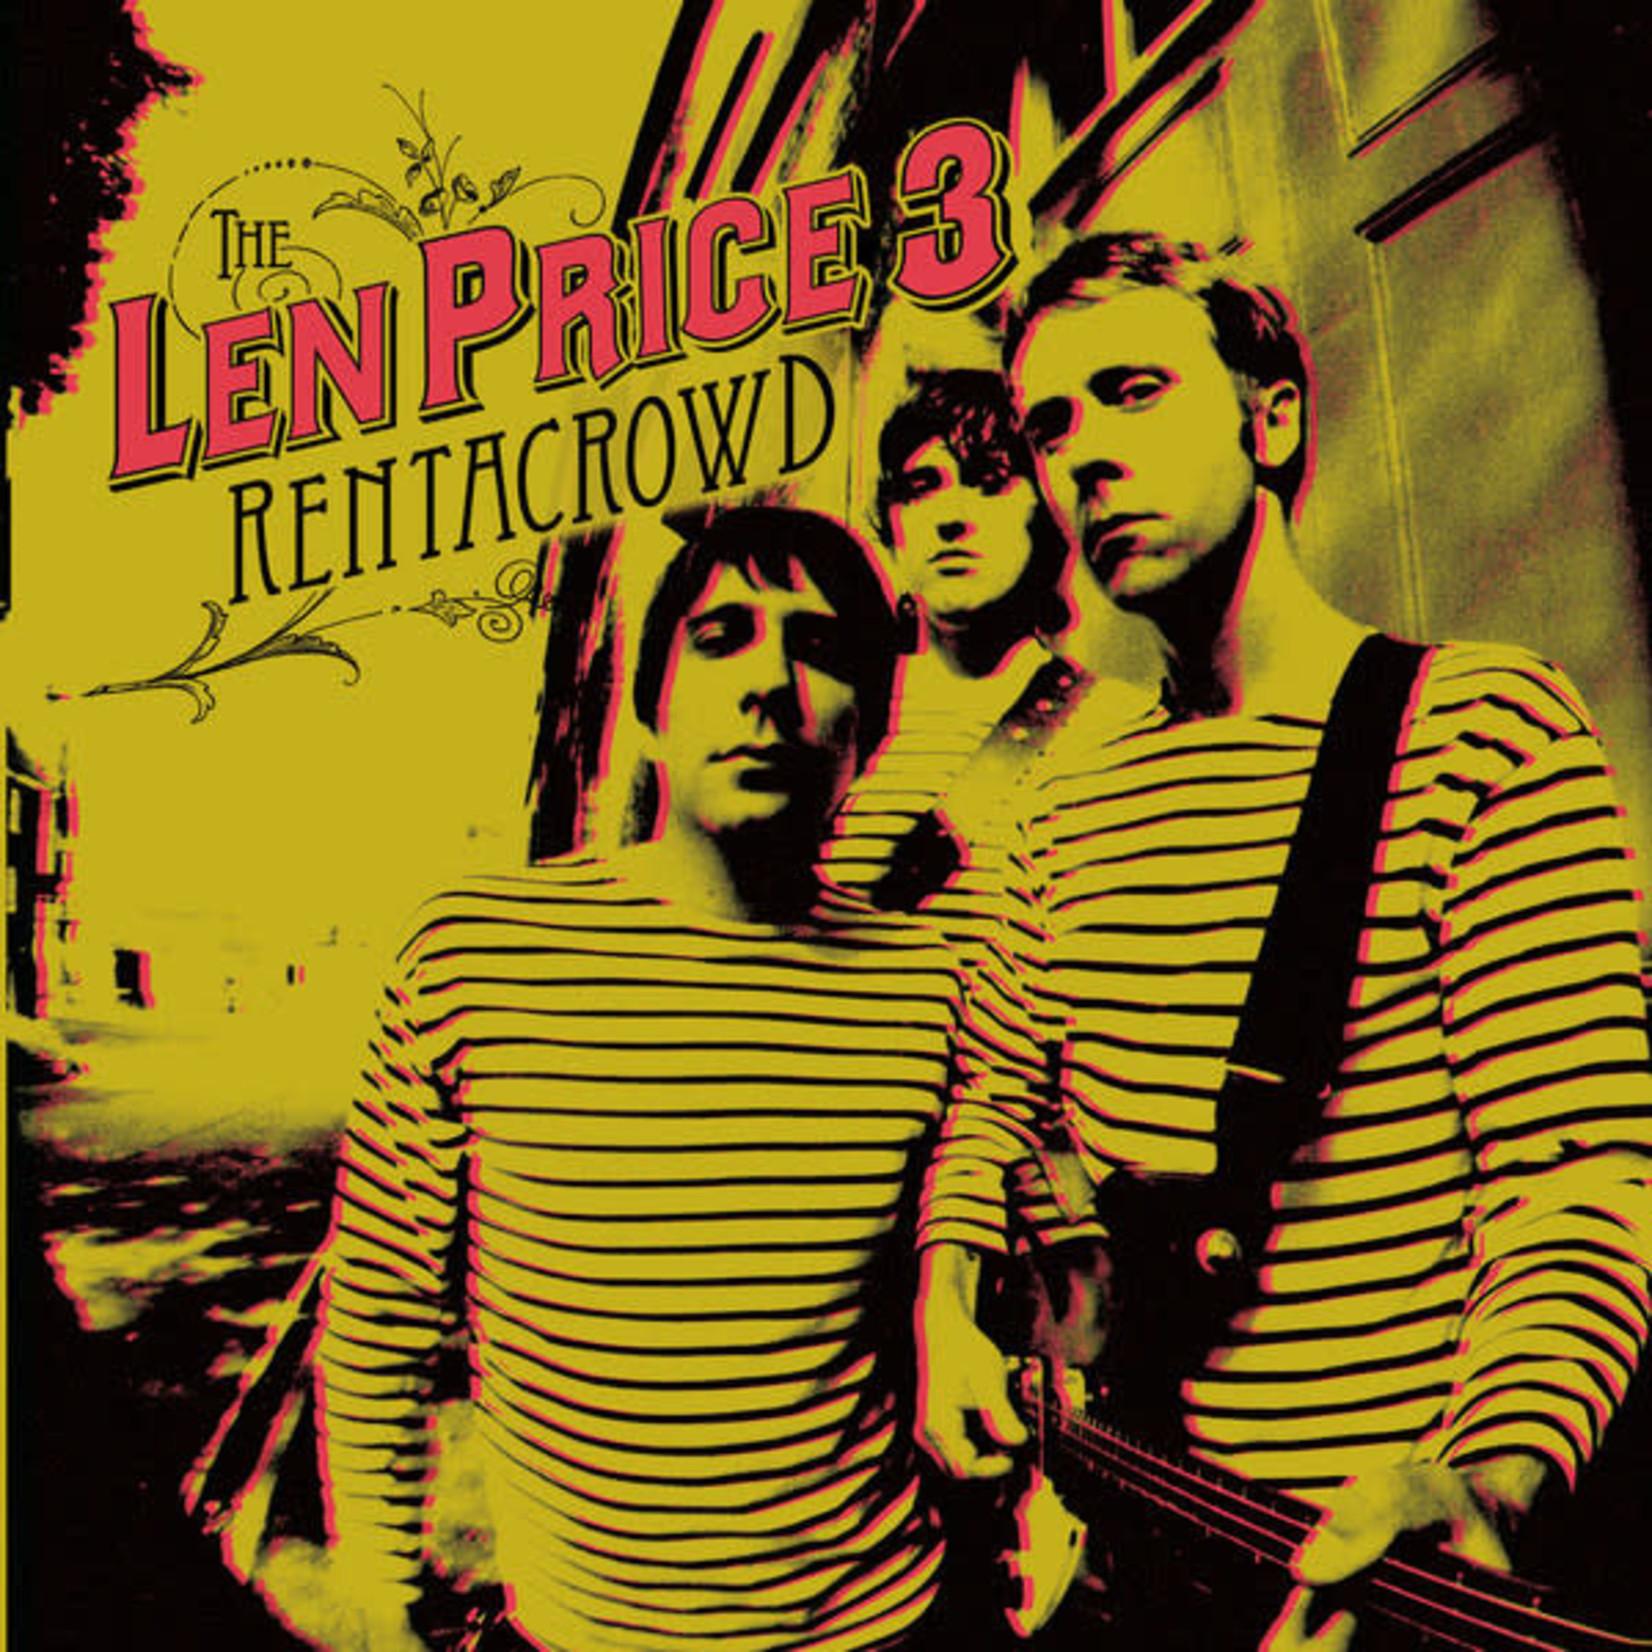 Vinyl The Len Price 3 - Rentacrowd  $$